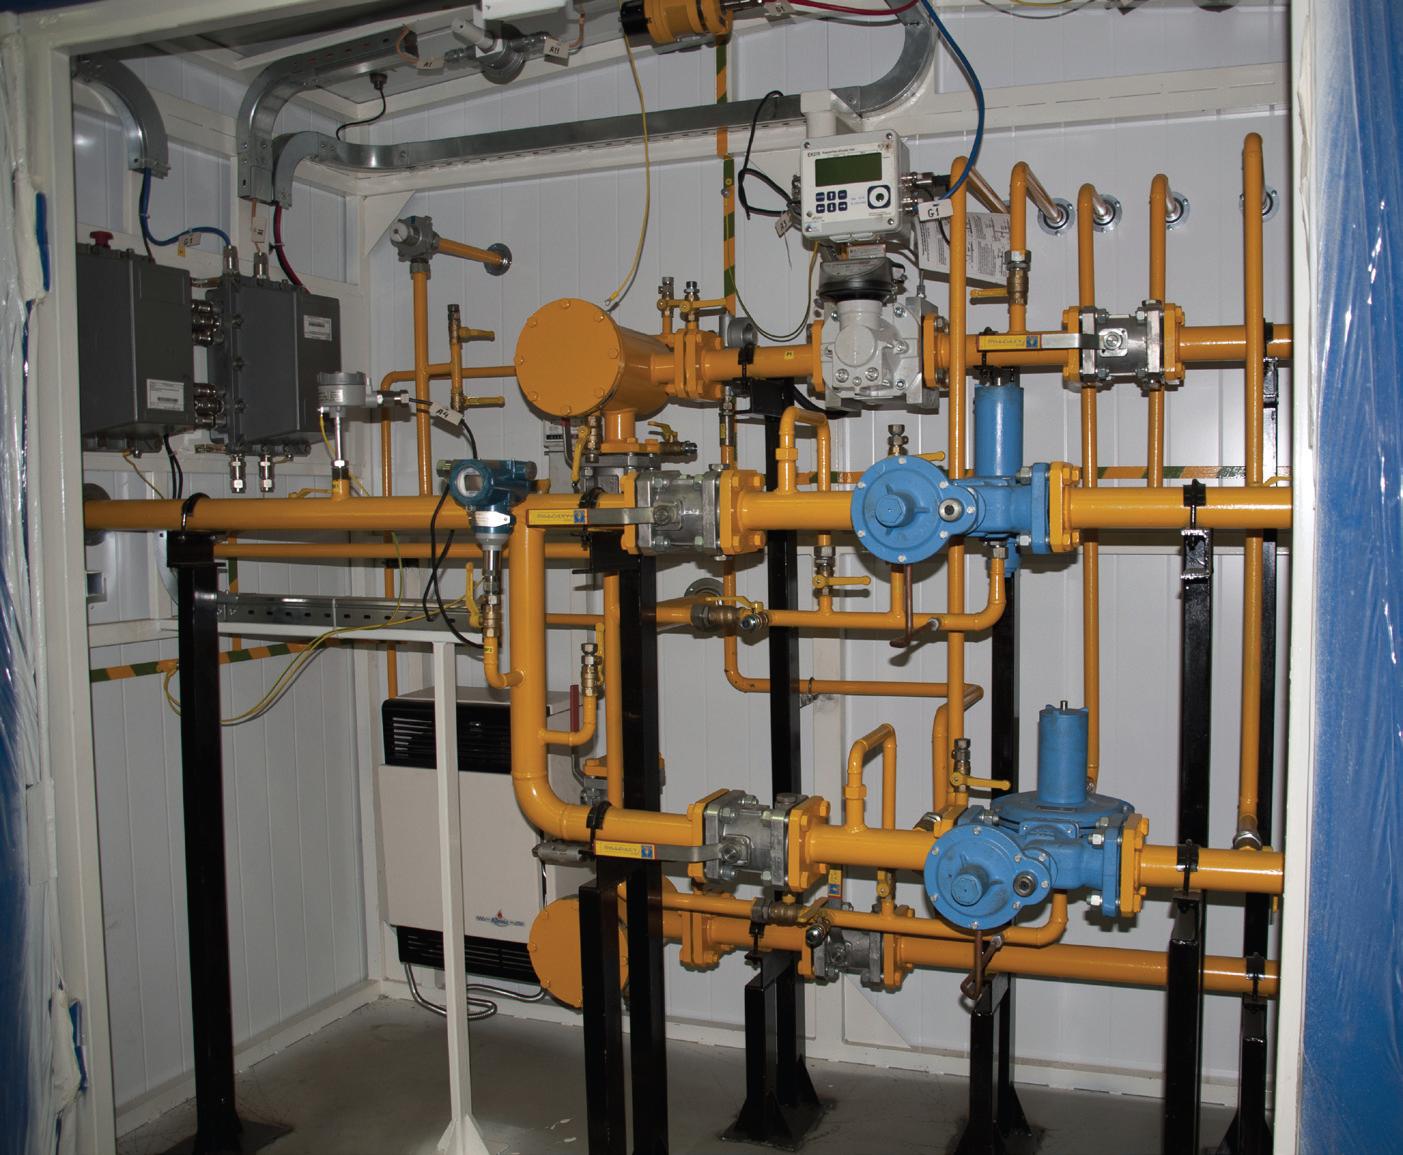 пункты газорегуляторные блочные пункты редуцирования газа шкафные